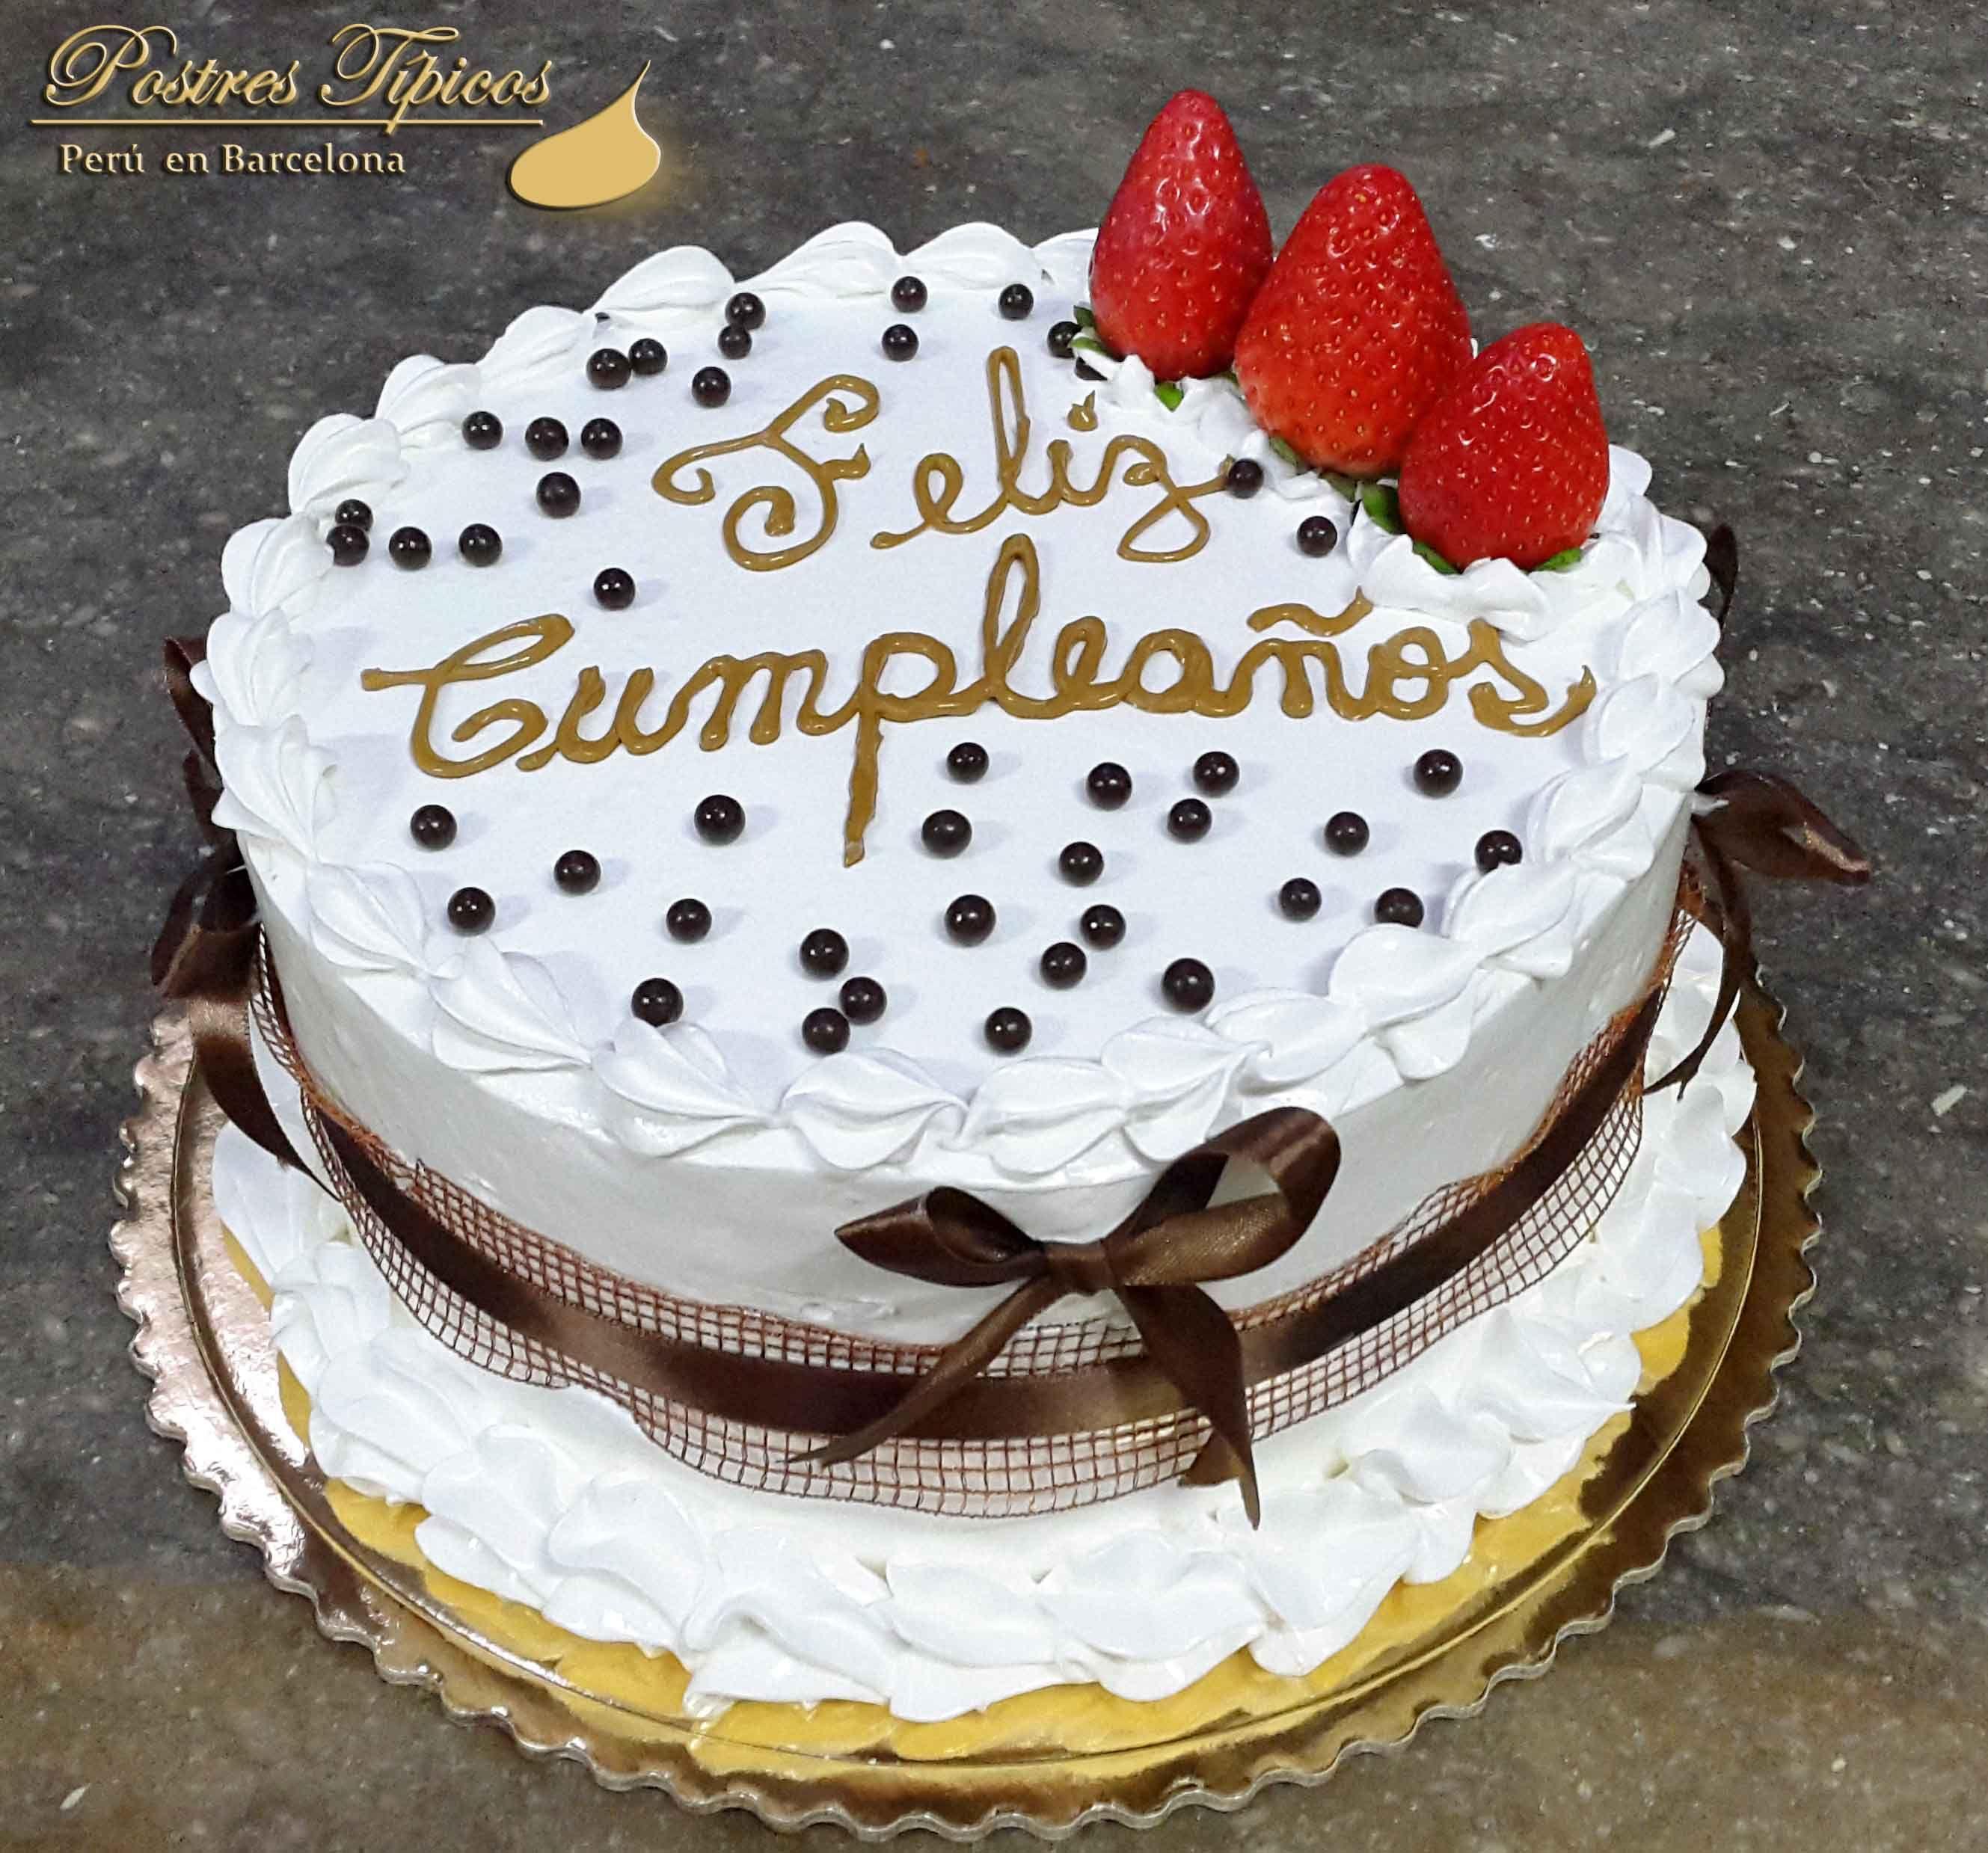 Decoraci n en merengue italiano para hombre pasteles y tortas de cumplea os pinterest Decoracion de cumpleanos